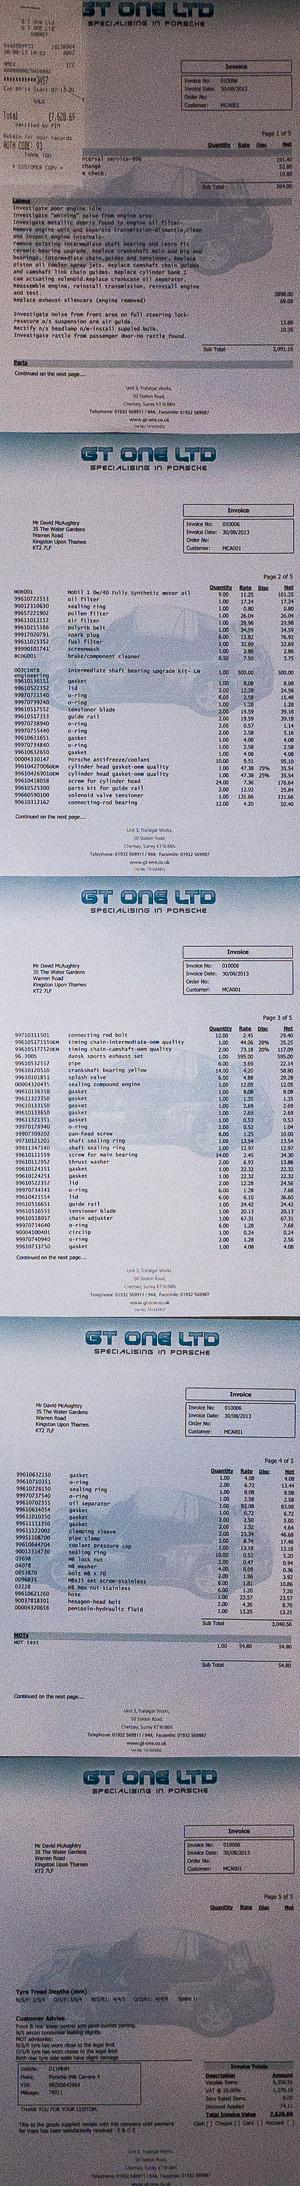 20130831 Porsche bill 002